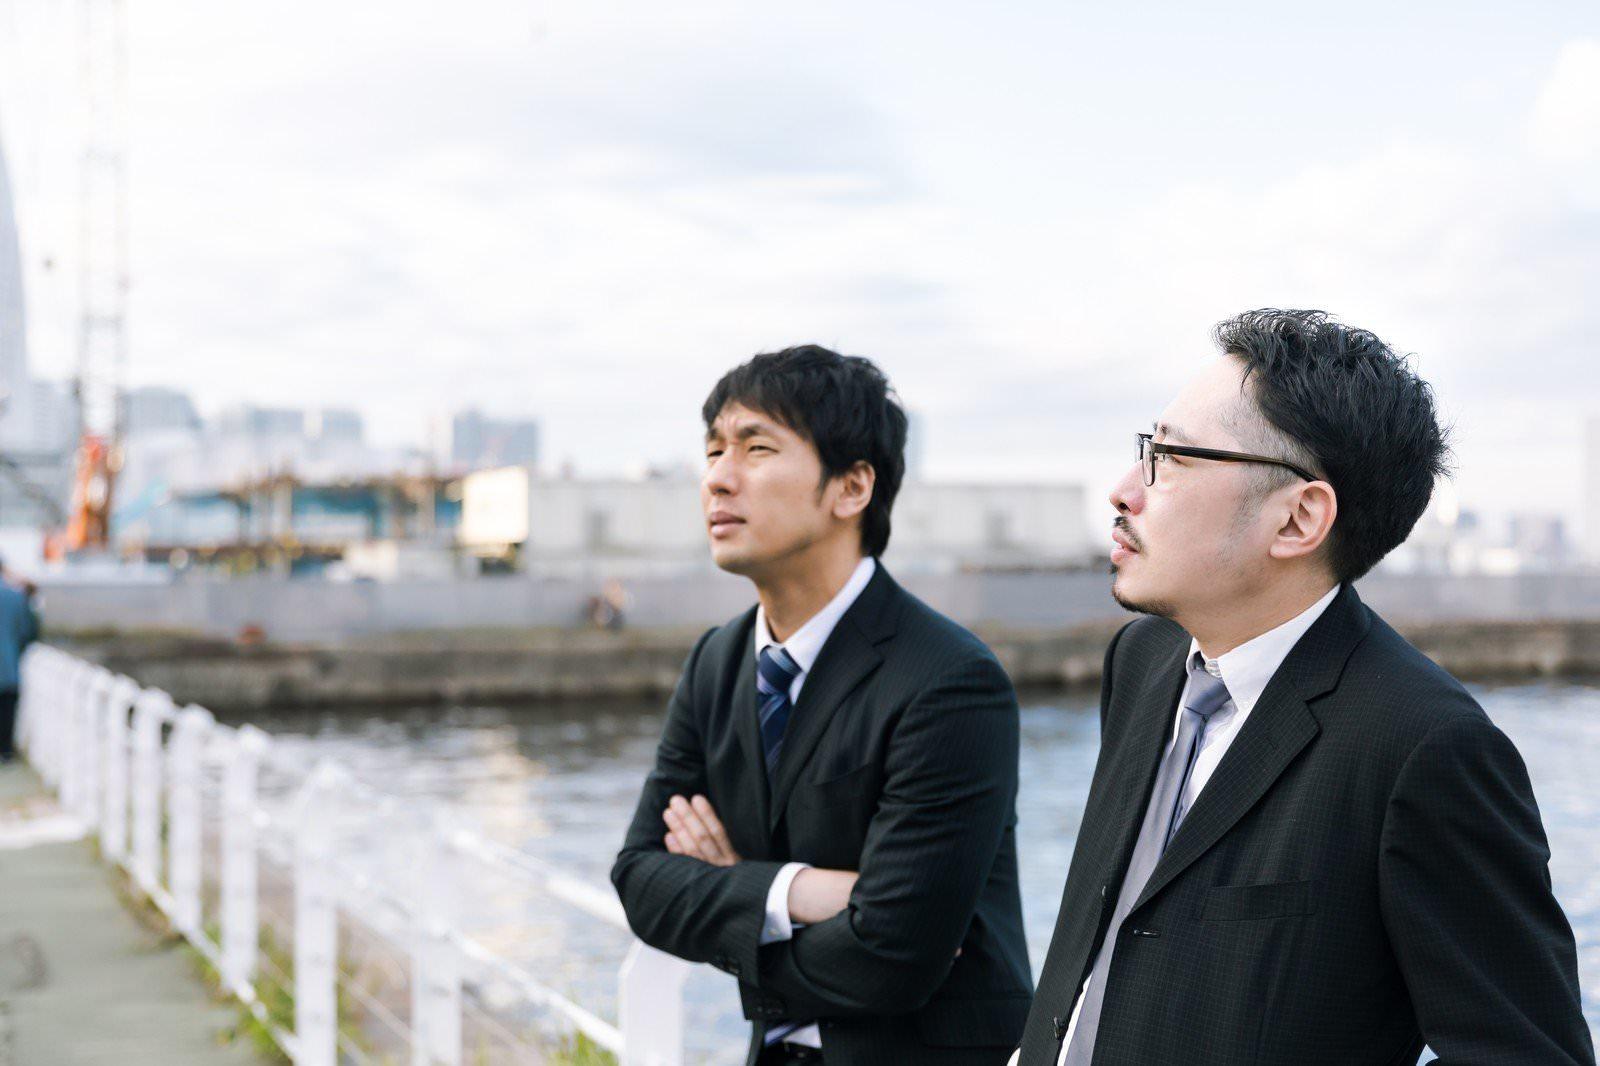 スーツを着て港を操作する探偵二人の写真